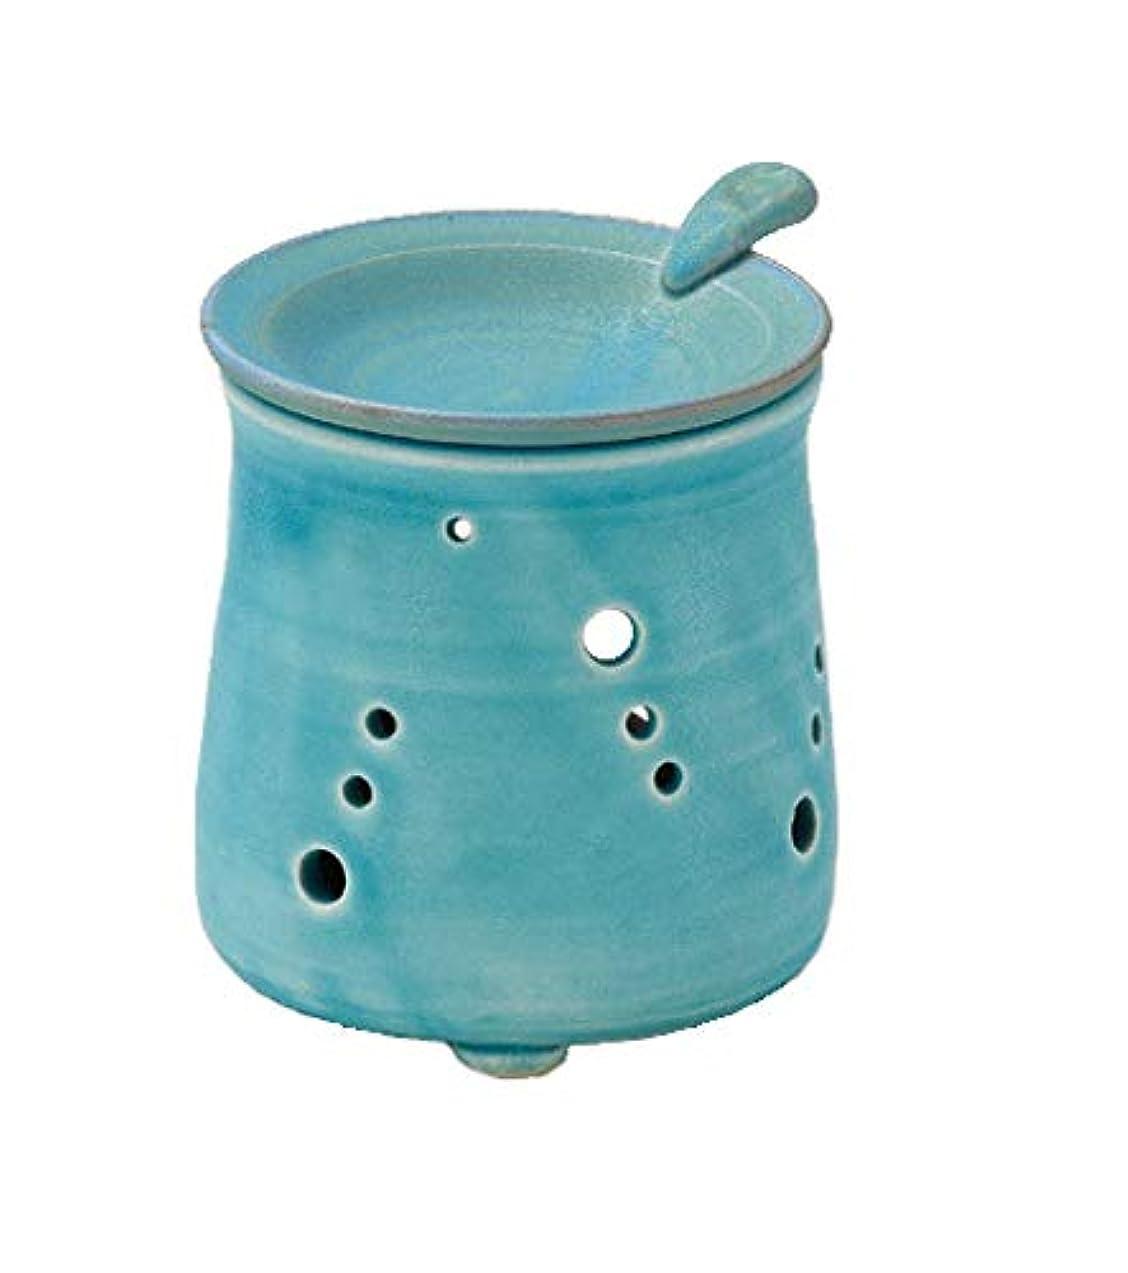 磁気チロ下着ヤマキイカイ 置物 ブルー 径9.5cm 山田トルコブルー 茶香炉 L1616